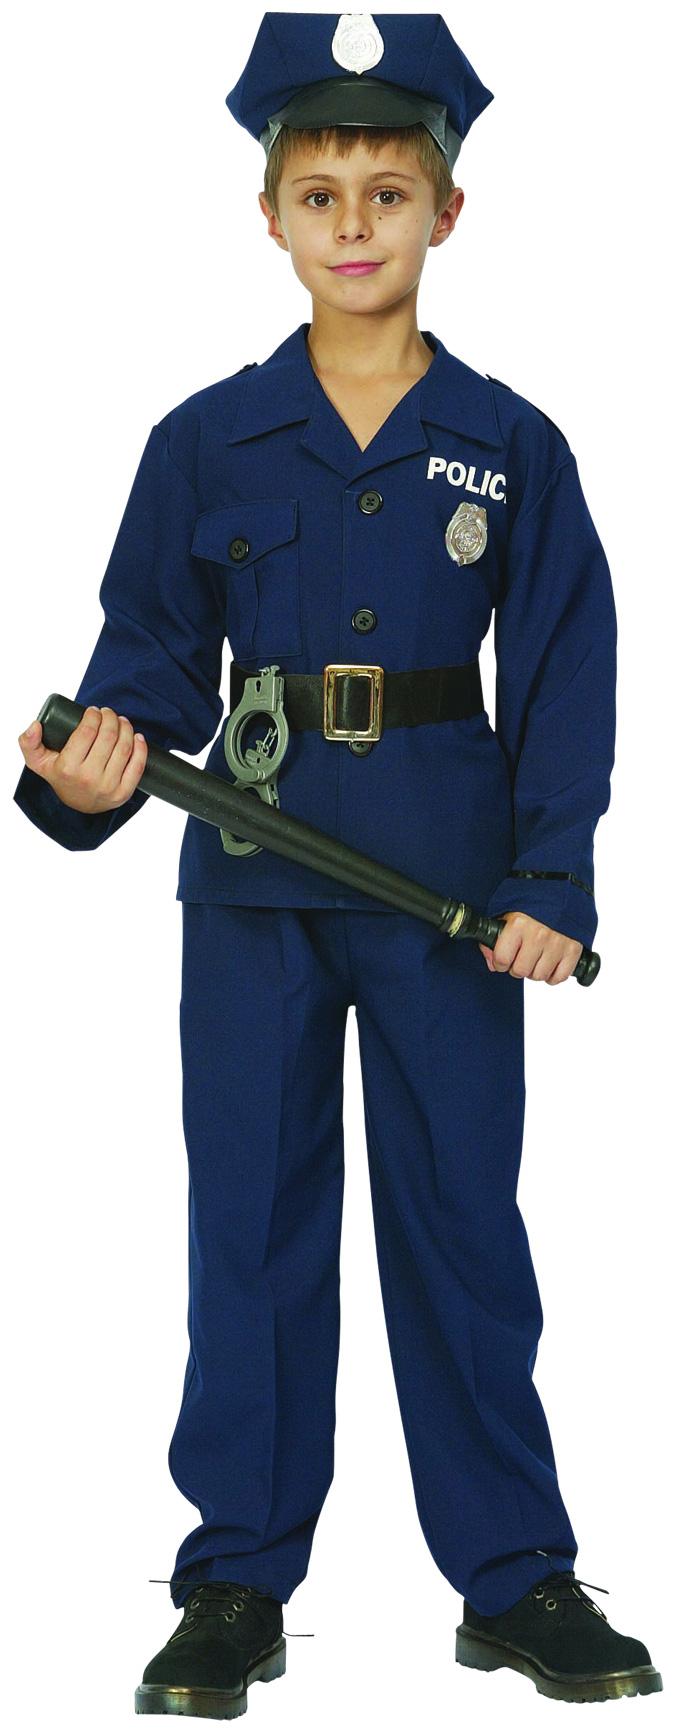 Как сшить костюм полицейского для мальчика своими руками 52